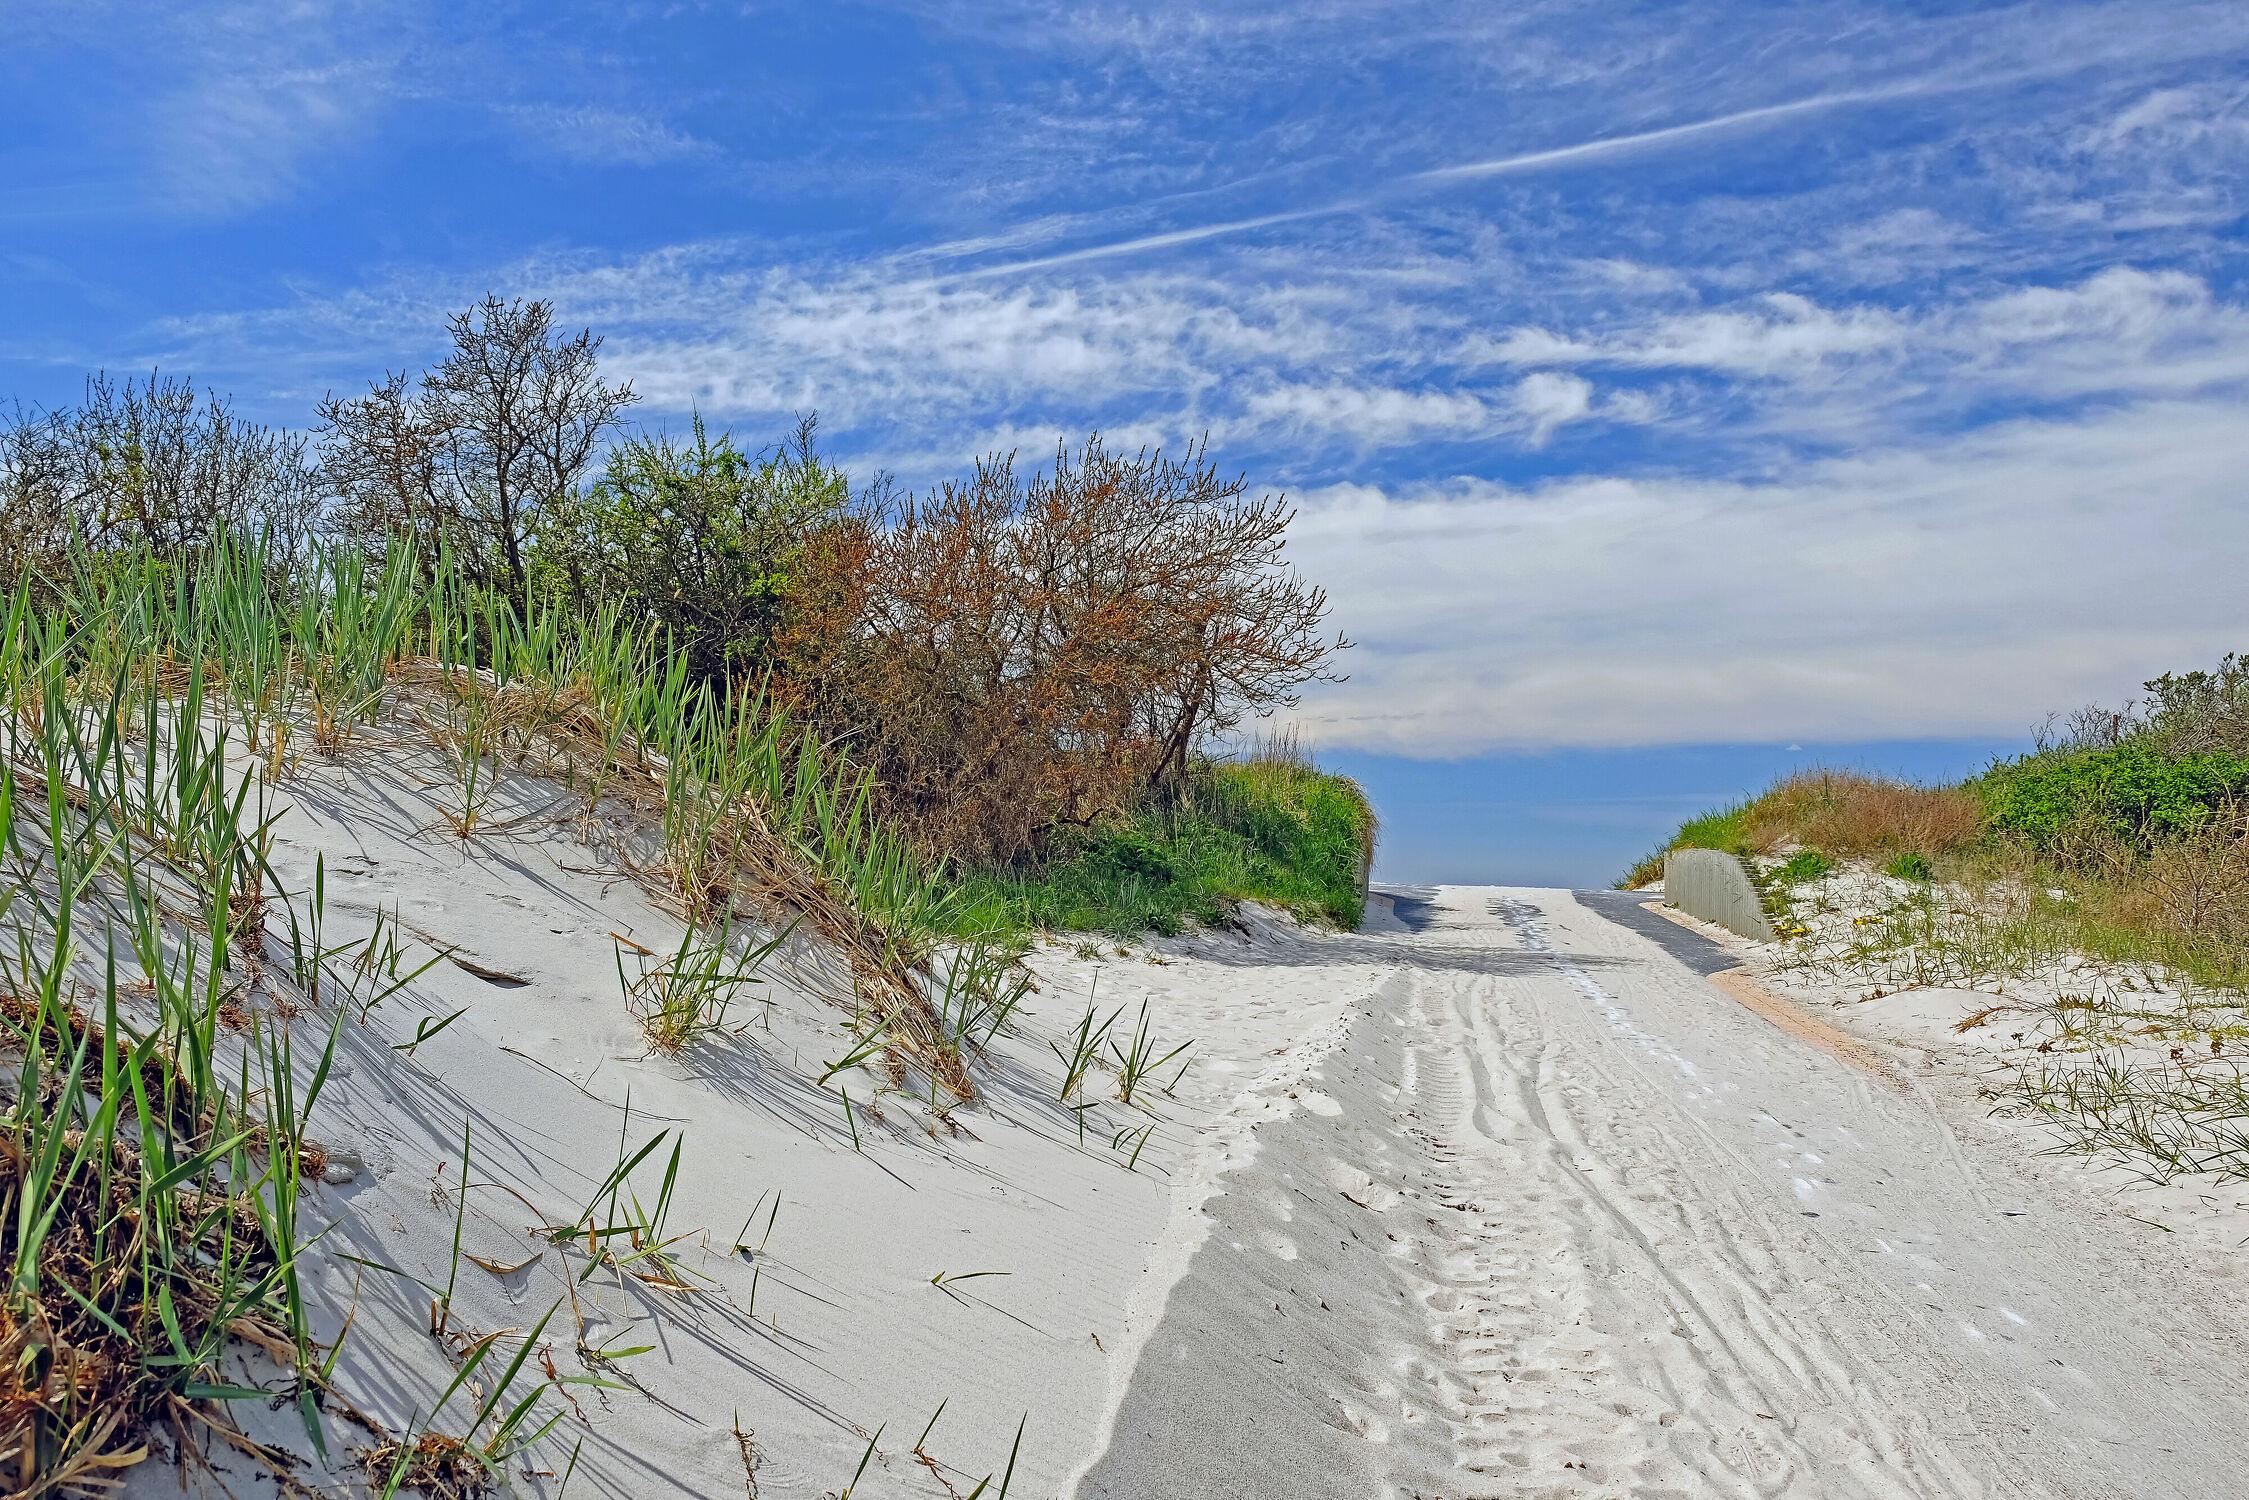 Bild mit Himmel, Bäume, Wolken, Sträucher, Strand, Weg, Dünen, Gras, Ausspannen